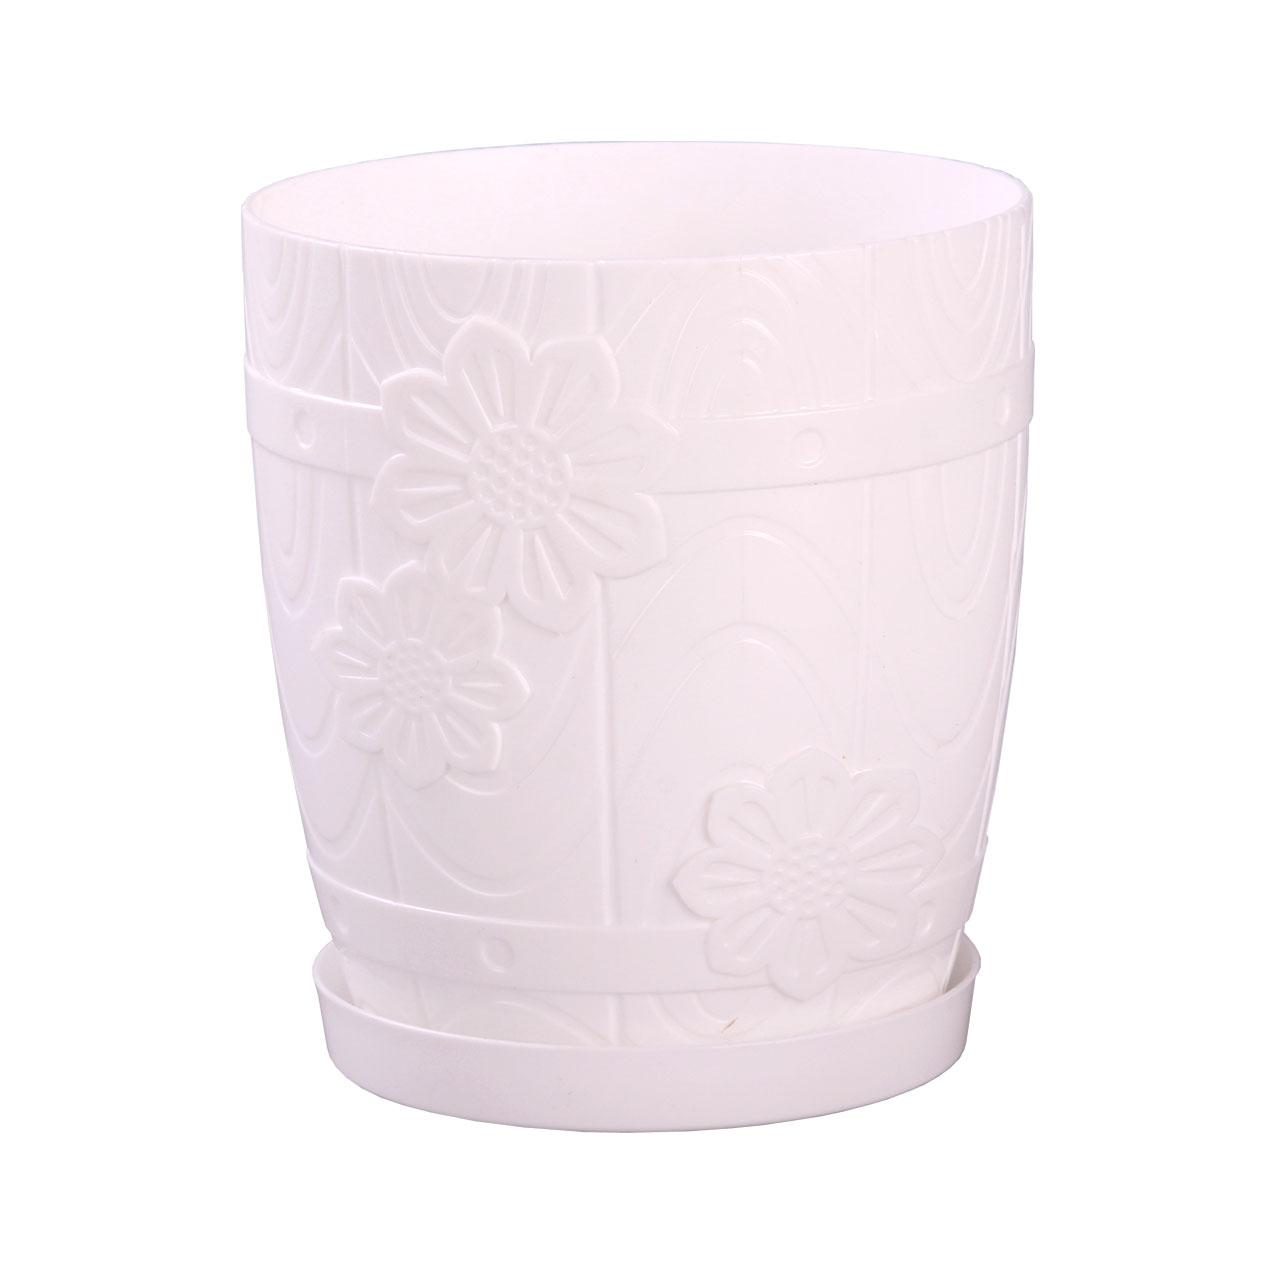 Горшок цветочный Альтернатива 14070 0.8 л